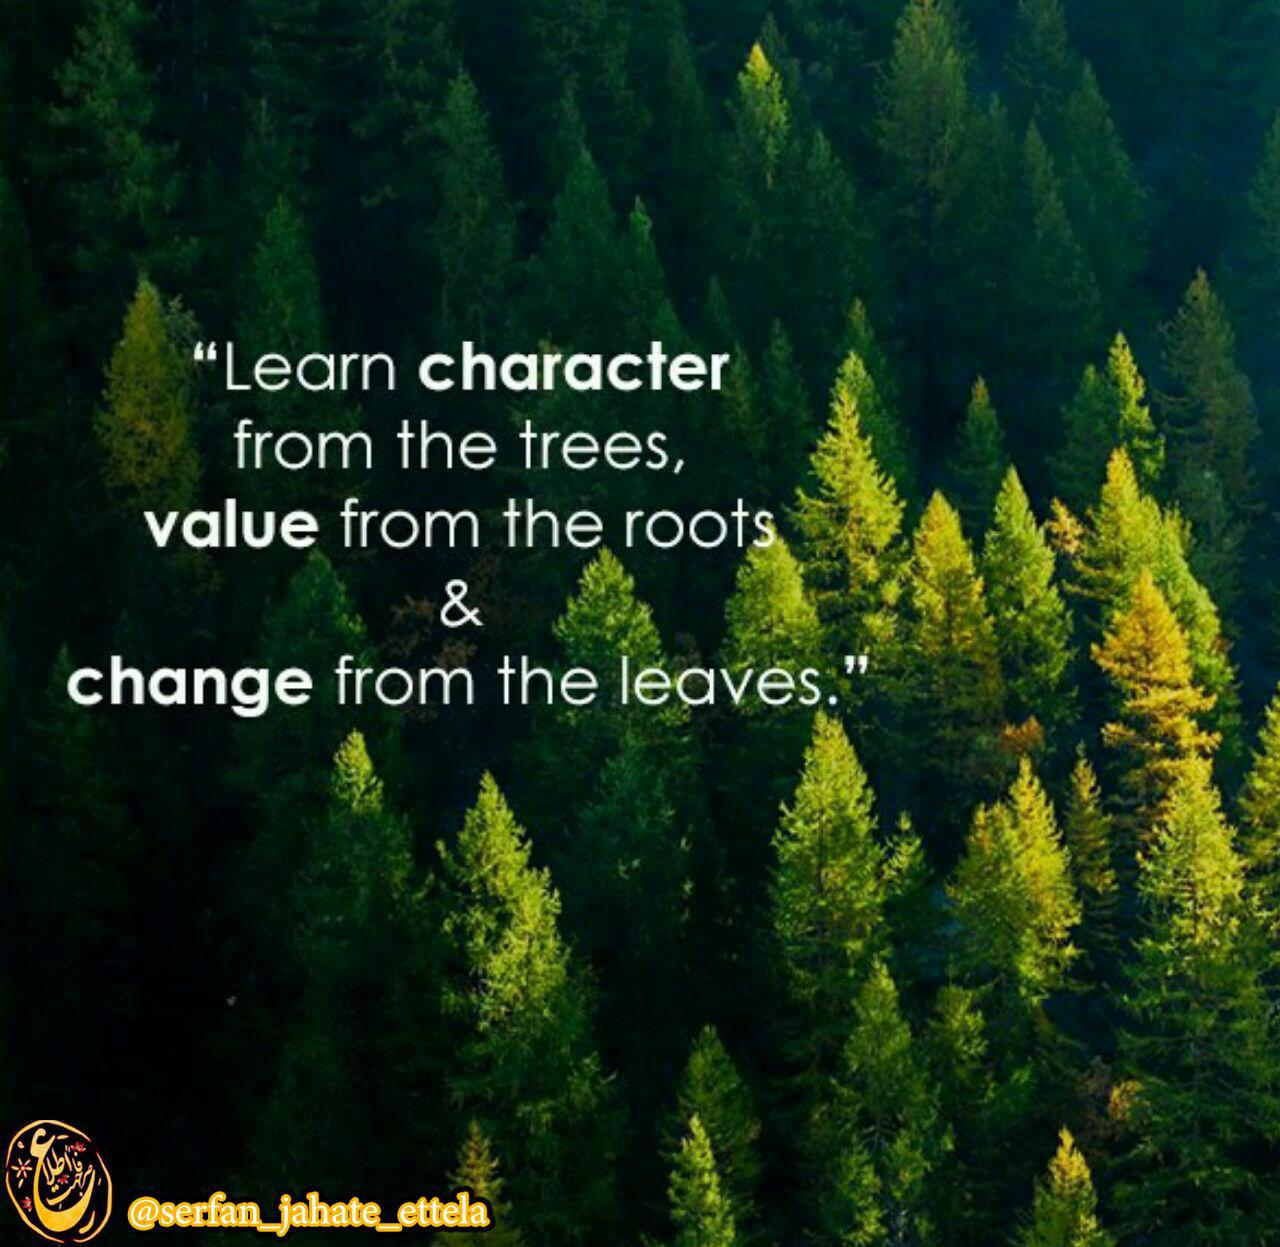 منش را از درختان، ارزش را از ریشه ها؛ و تغییرات را از برگ هایش بیاموزید.